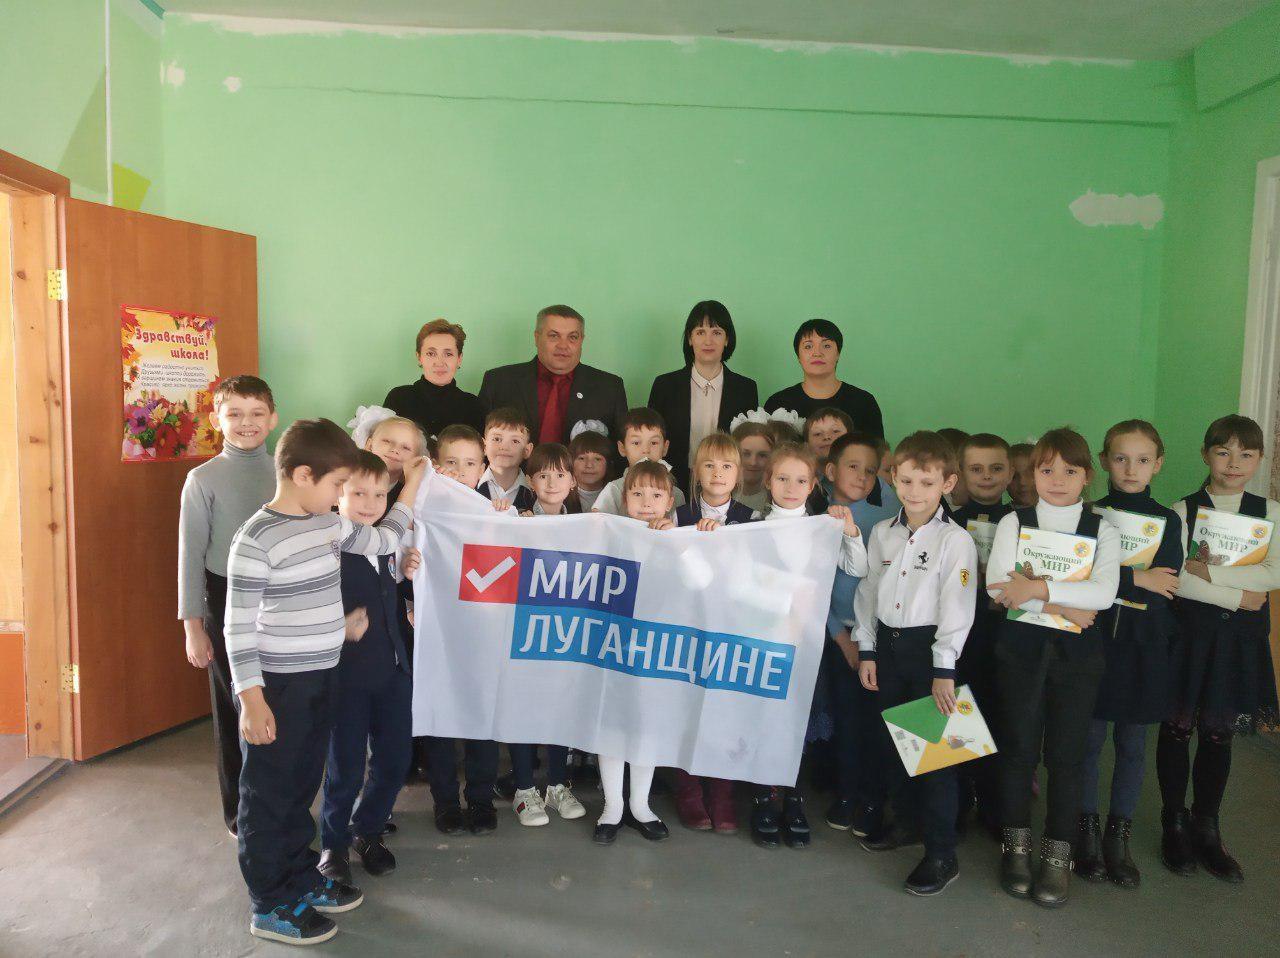 Учебно-воспитательный комплекс принял подарок от ОД «Мир Луганщине» в Красном Луче 1